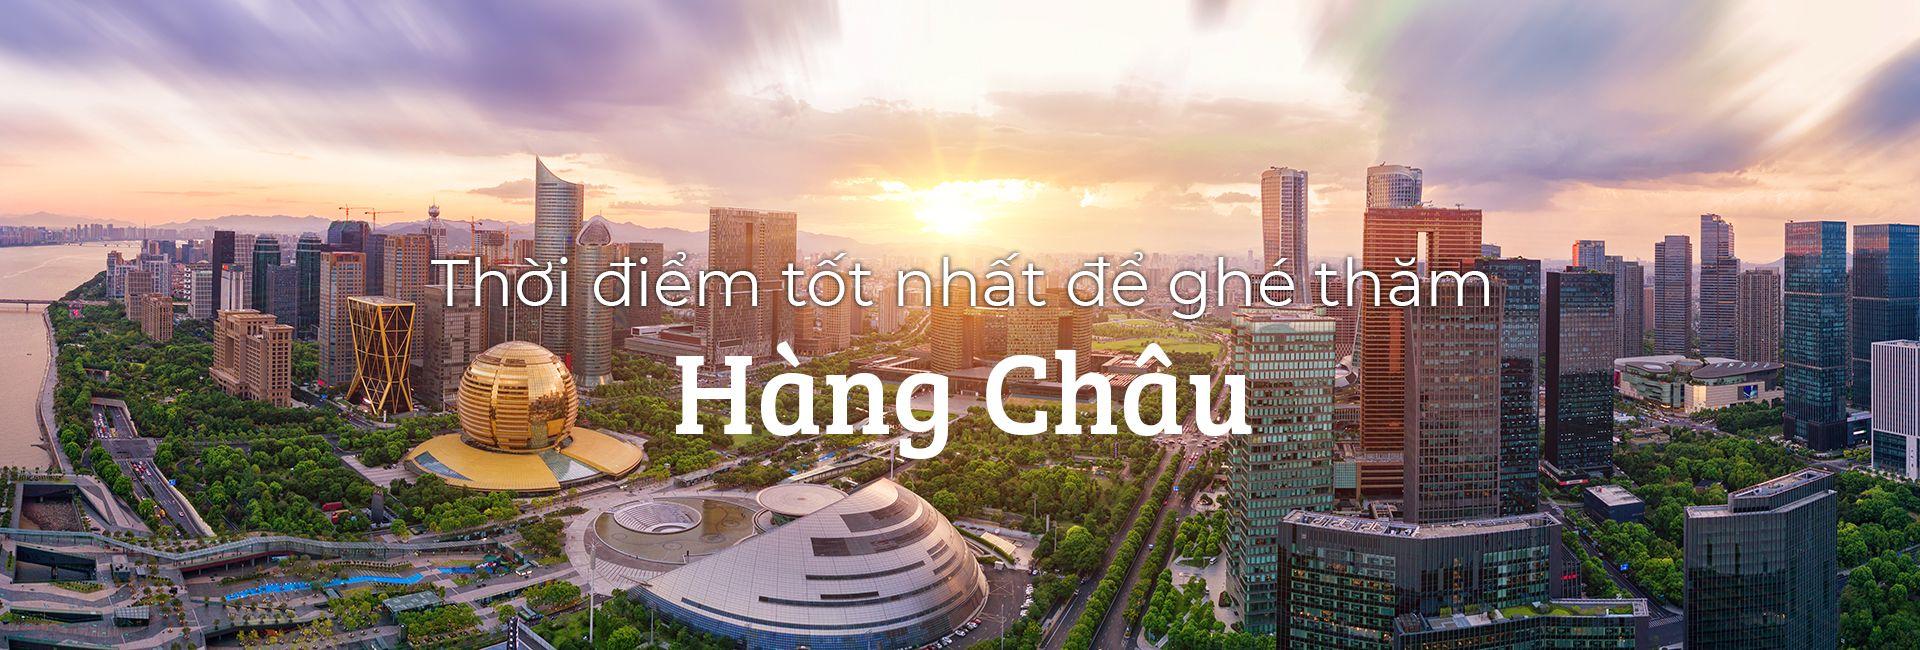 Nên đi du lịch Hàng Châu, Trung Quốc vào thời điểm nào trong năm?